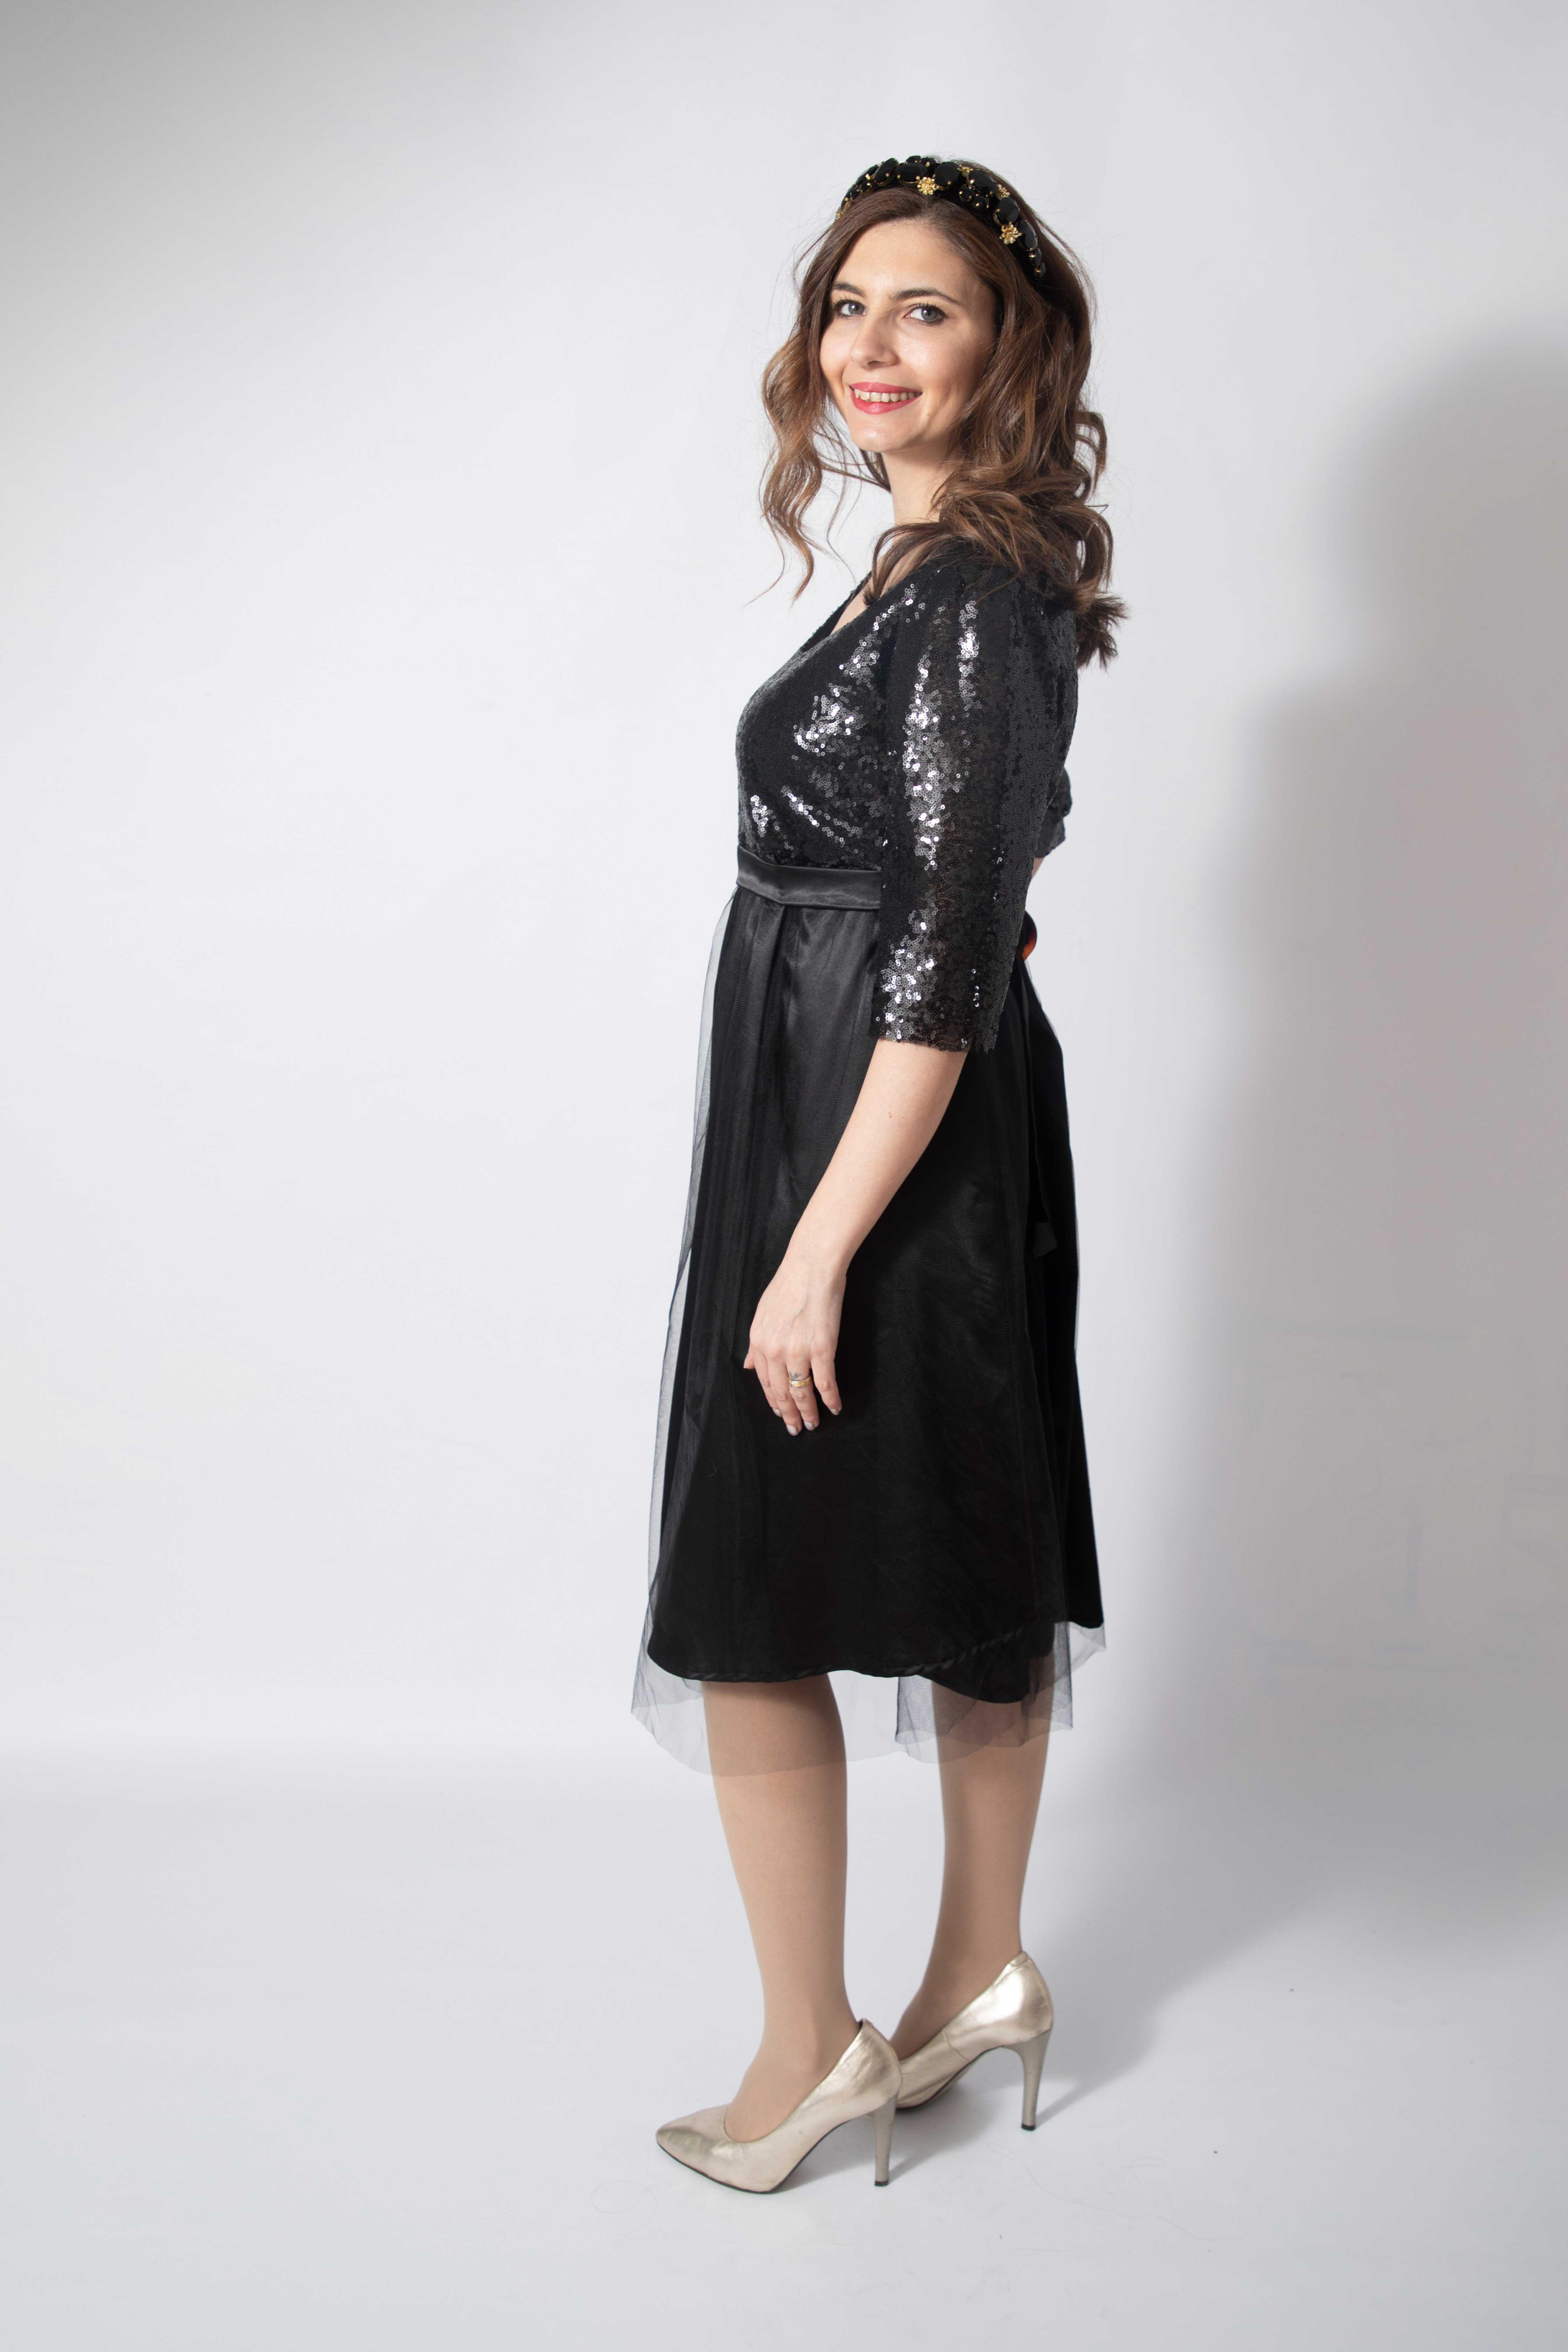 tulle-noire-rochie-eleganta-gravida-cu-paiete-stralucitoare-transport-gratuit 4